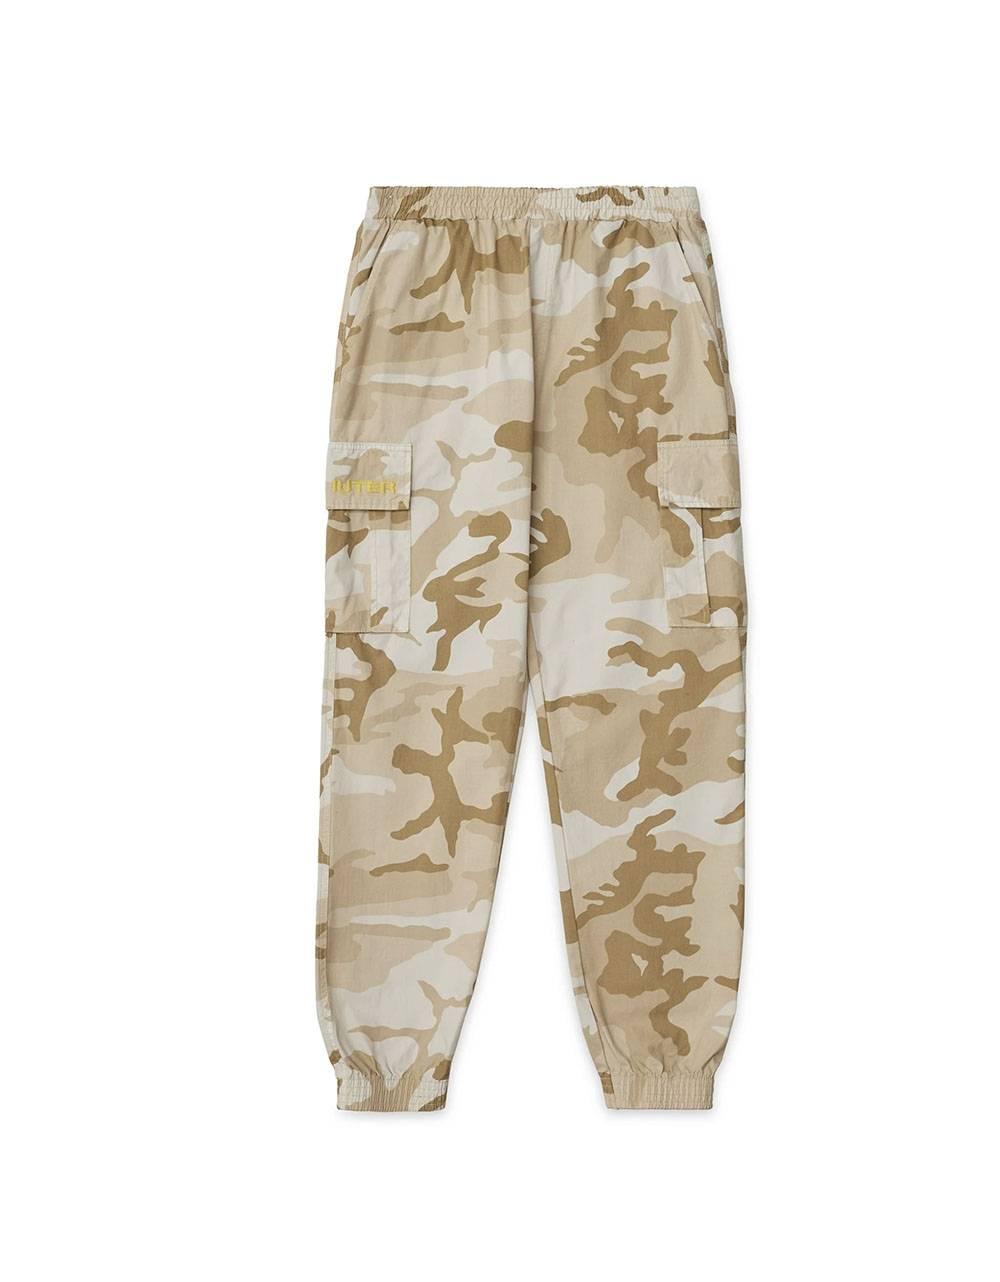 Iuter Cargo camo jogger pants - beige IUTER Pant 129,00€